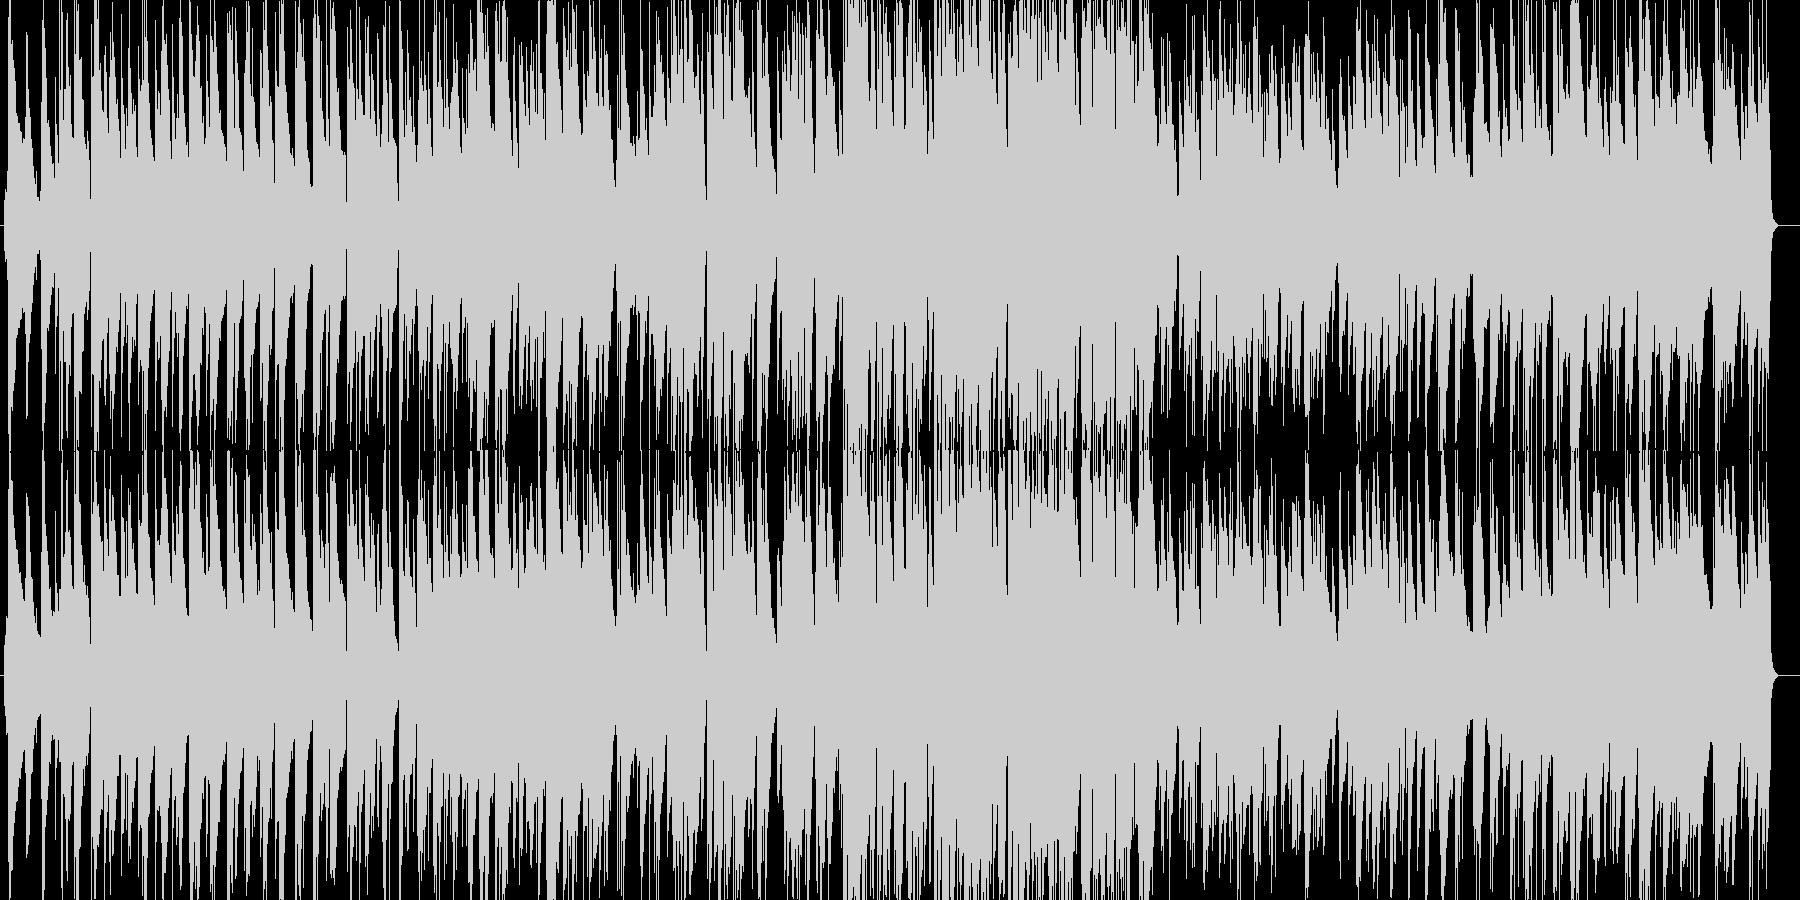 ケルト風のジャズピアノトリオアレンジの未再生の波形